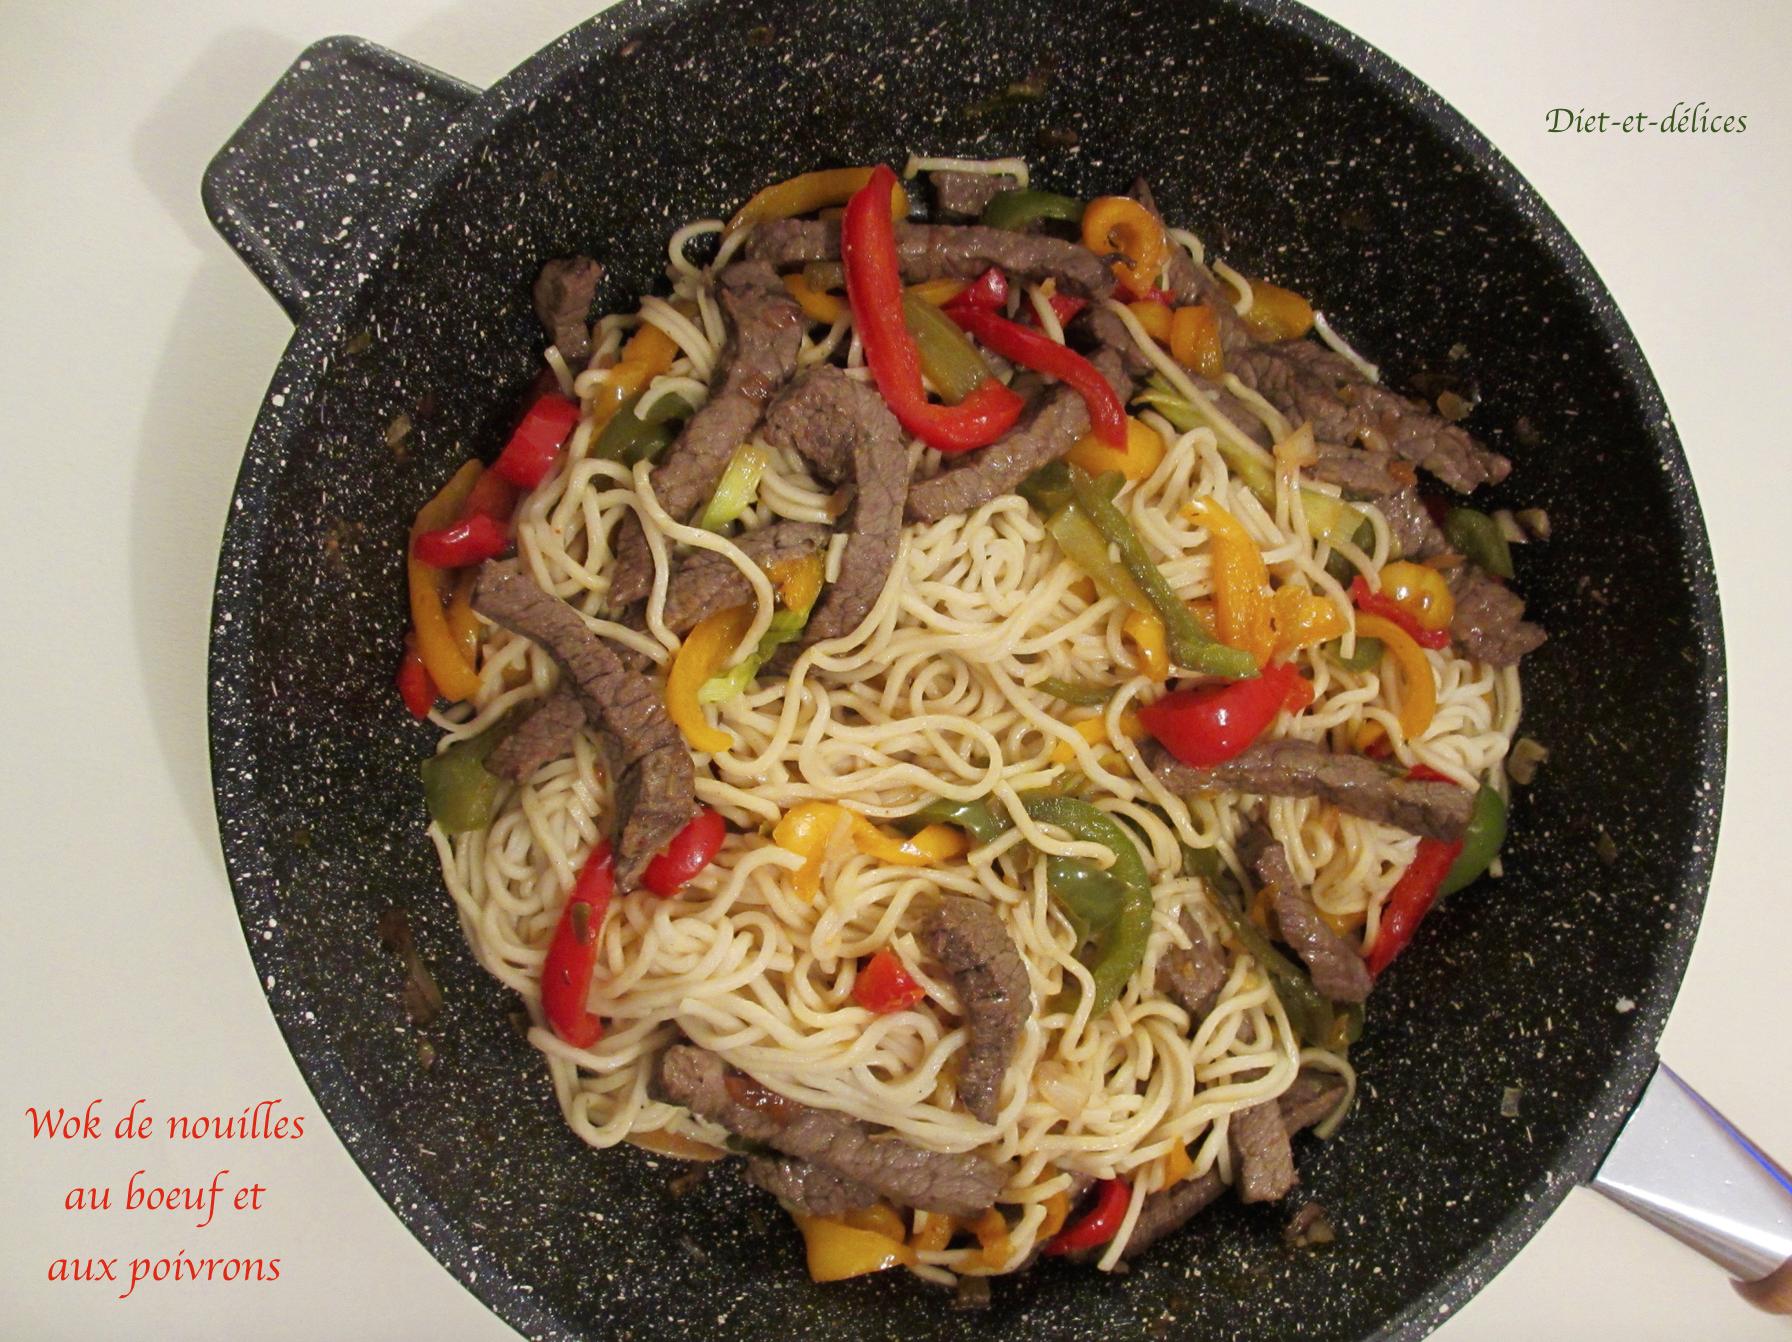 wok de nouilles au boeuf et aux poivrons diet d lices recettes diet tiques. Black Bedroom Furniture Sets. Home Design Ideas